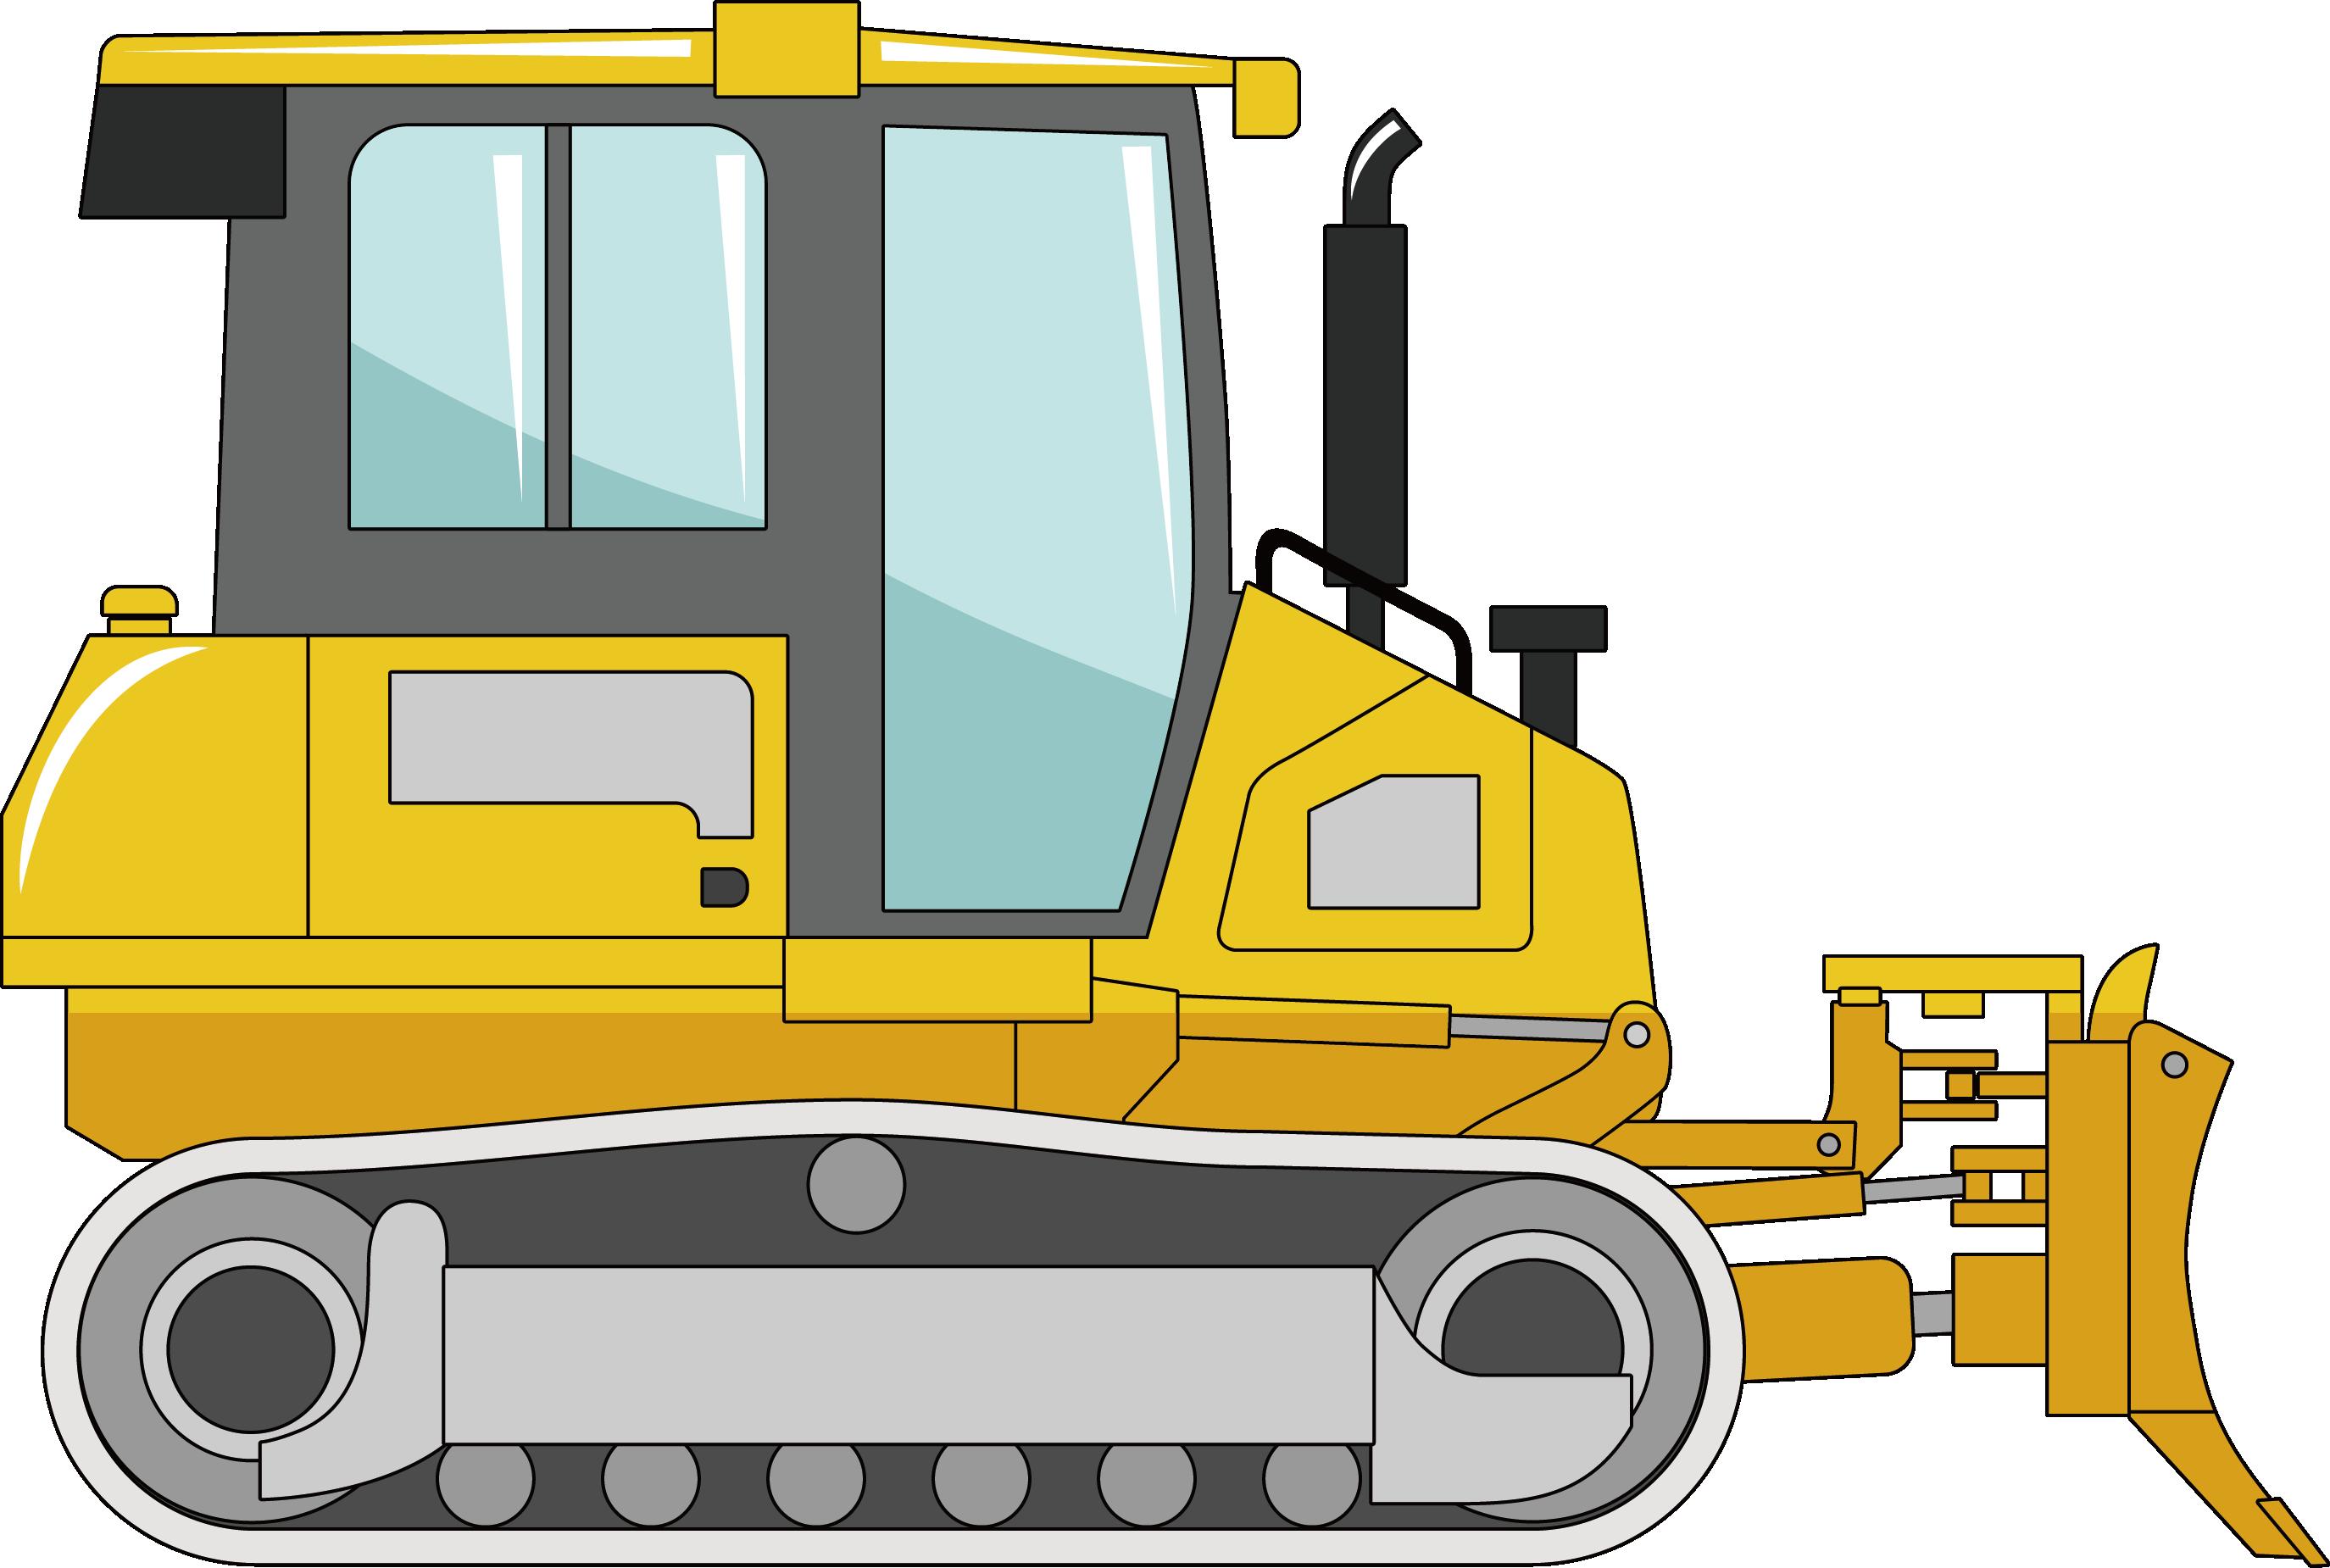 Bulldozer equipment machine excavator. Crane clipart heavy vehicle